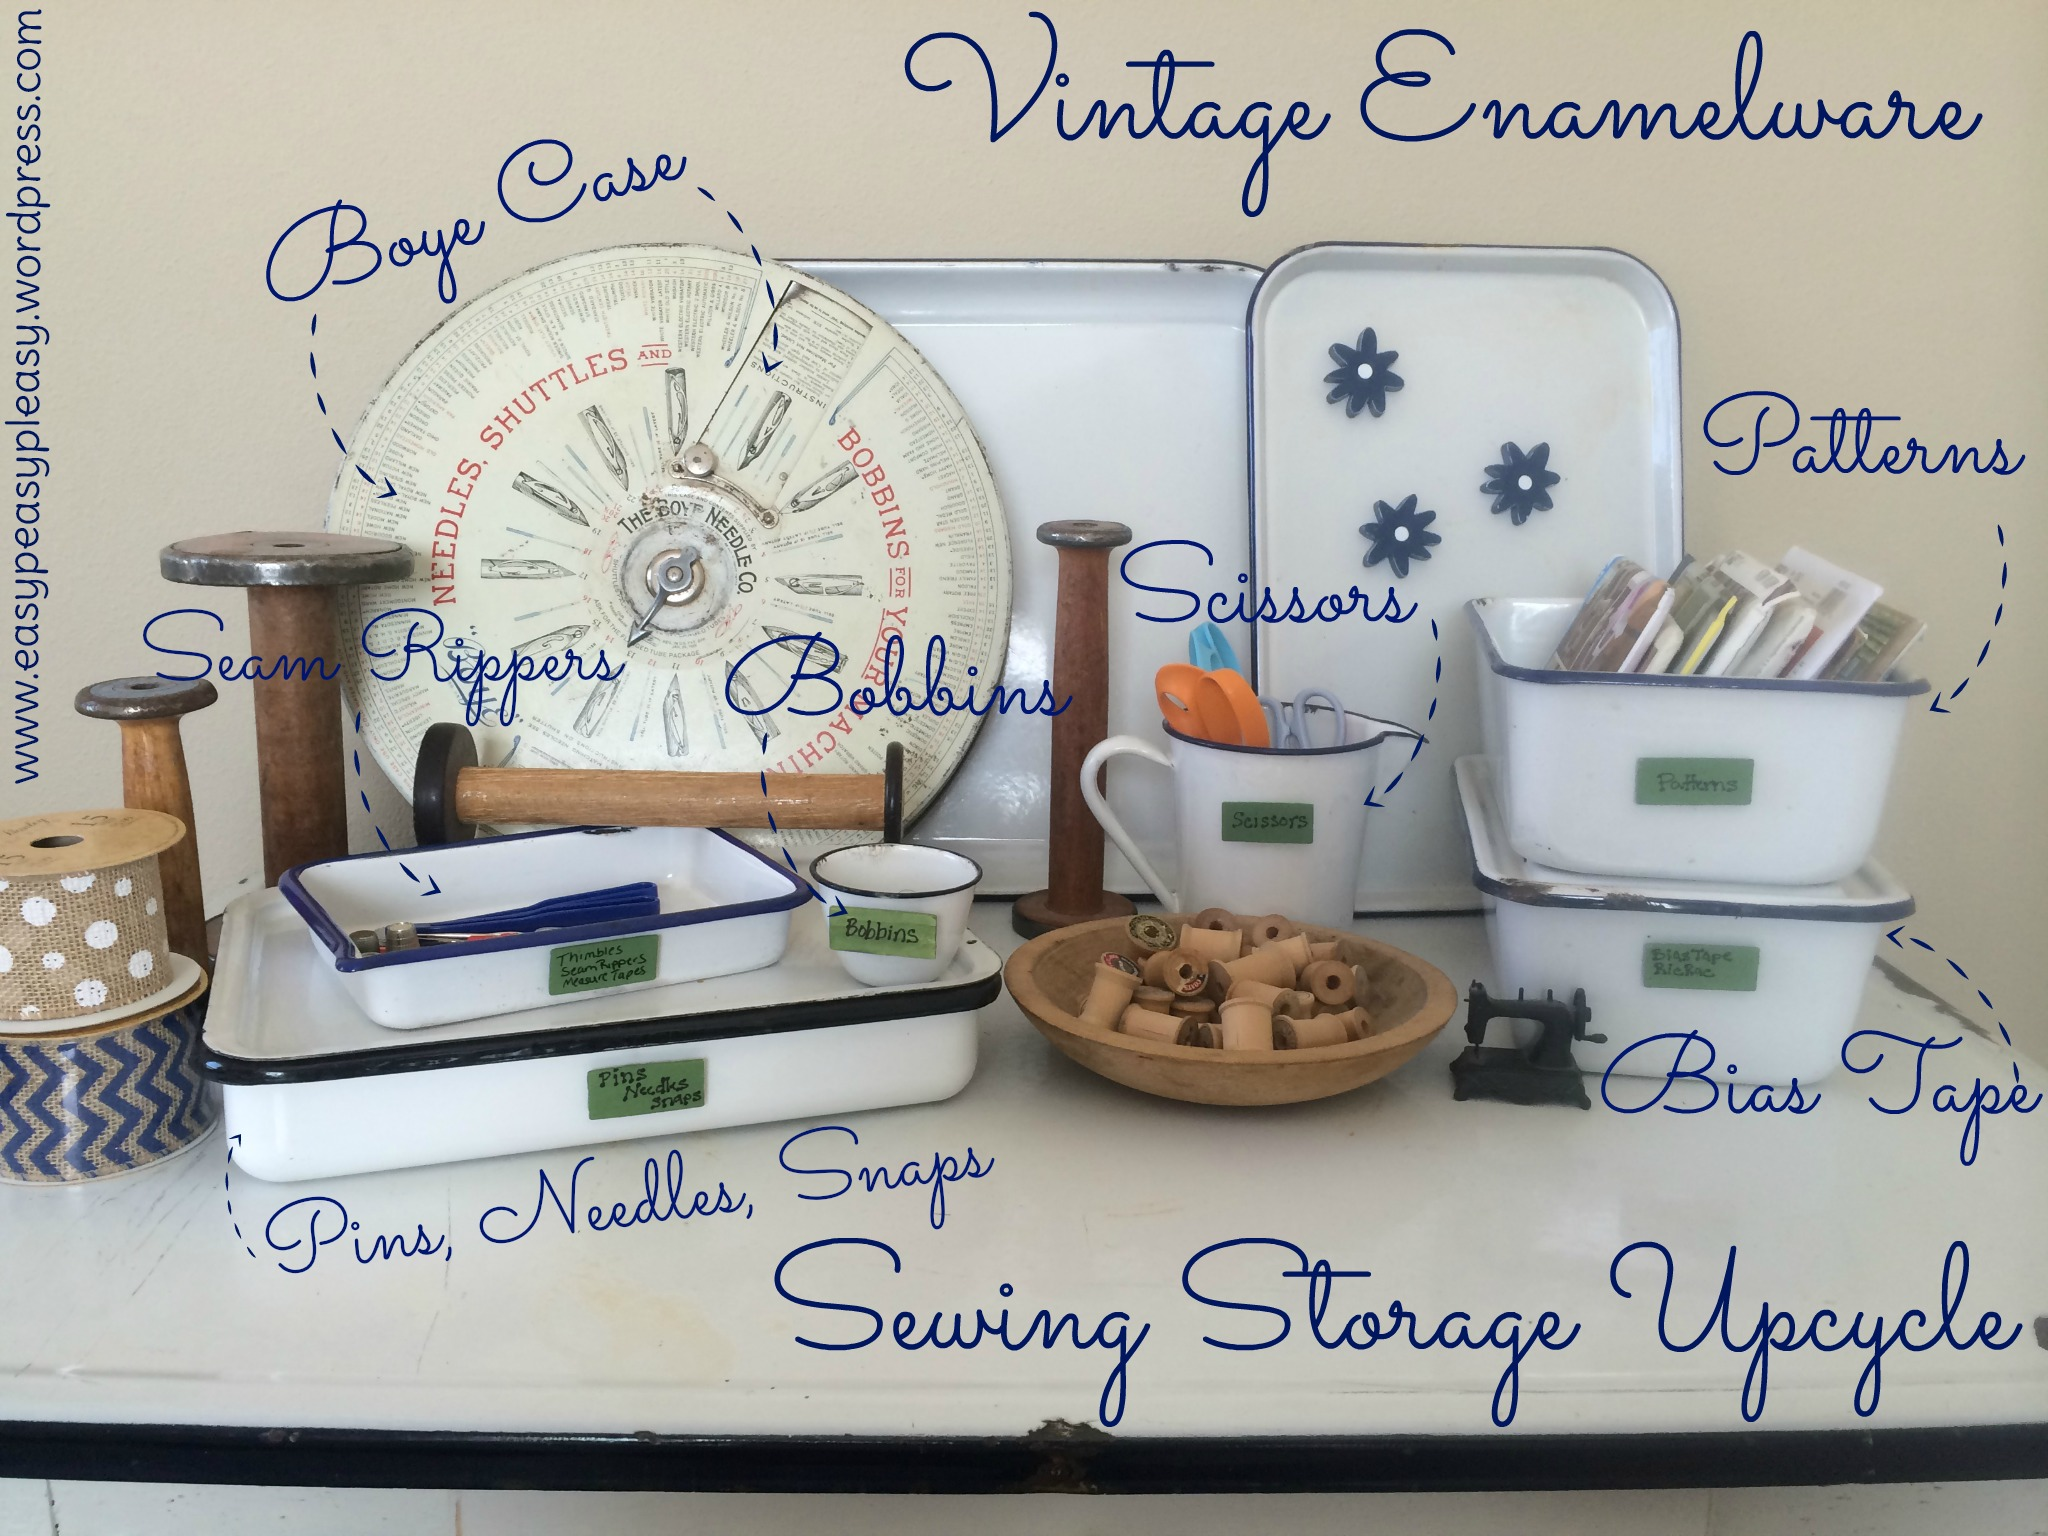 Vintage Enamelware Sewing Storage Upcycle Ideas at https://easypeasypleasy.com